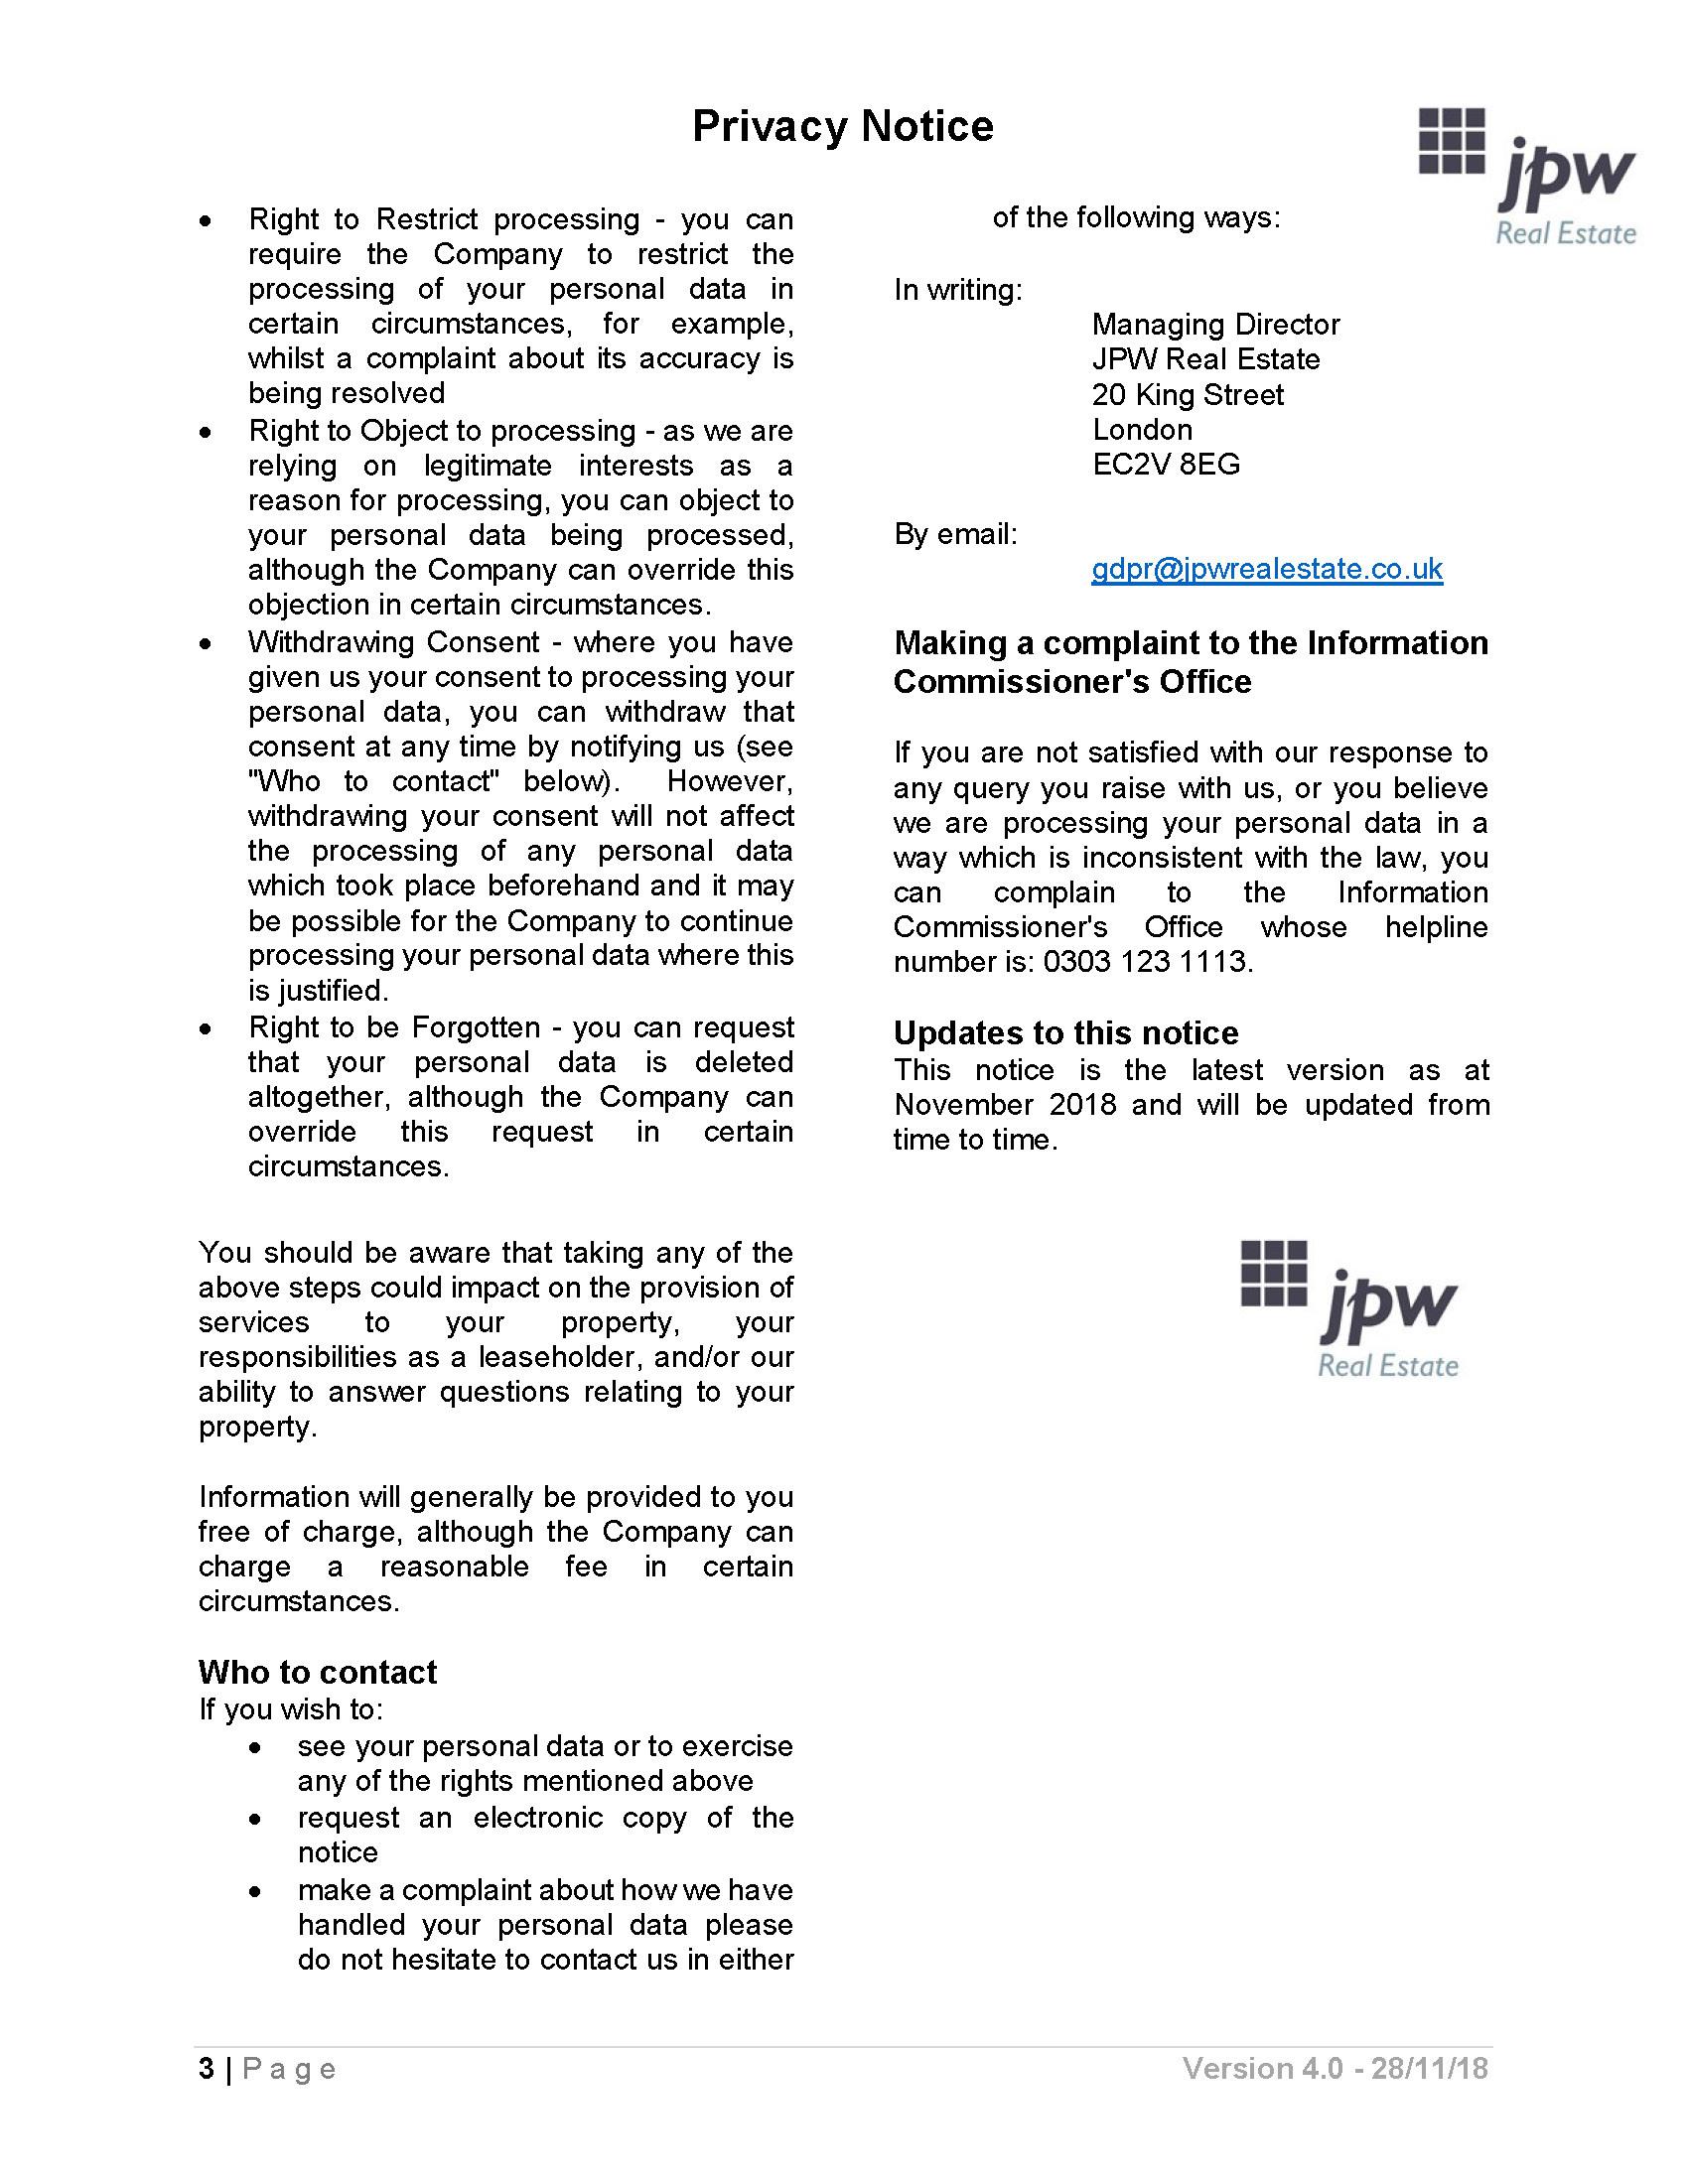 Privacy Notice V4 Page 3